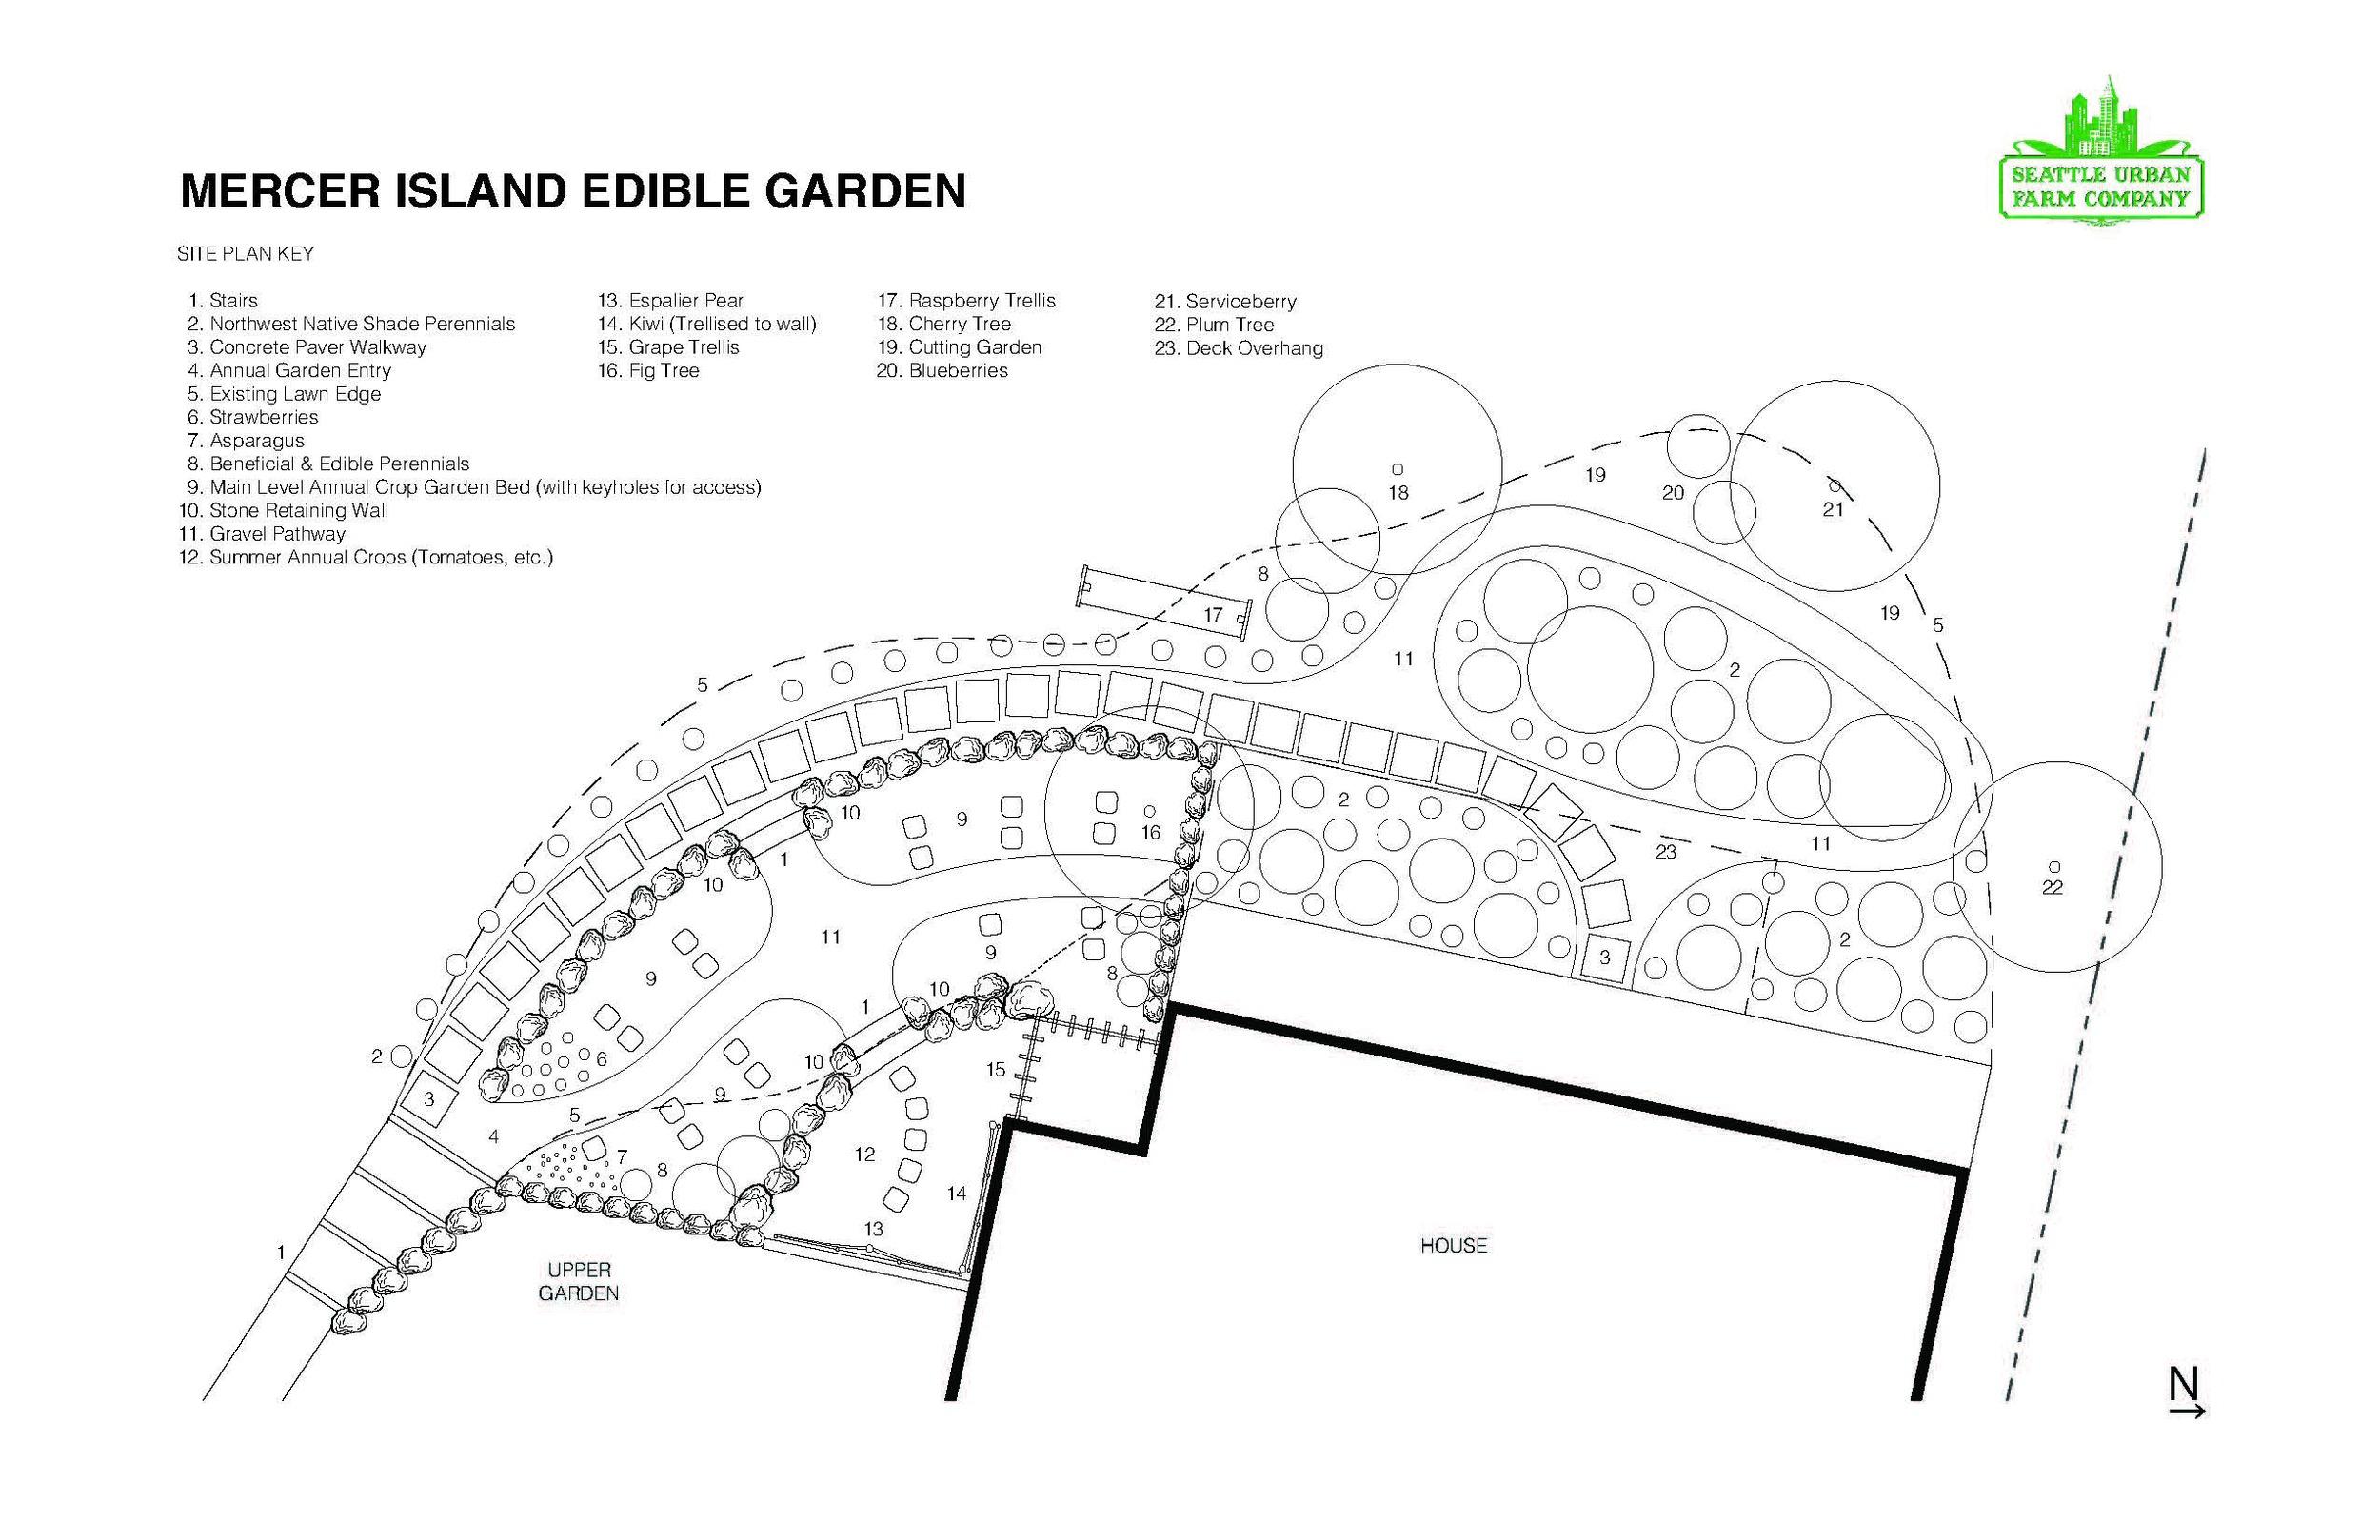 Mercer Island Edible Garden Design_Seattle Urban Farm Company